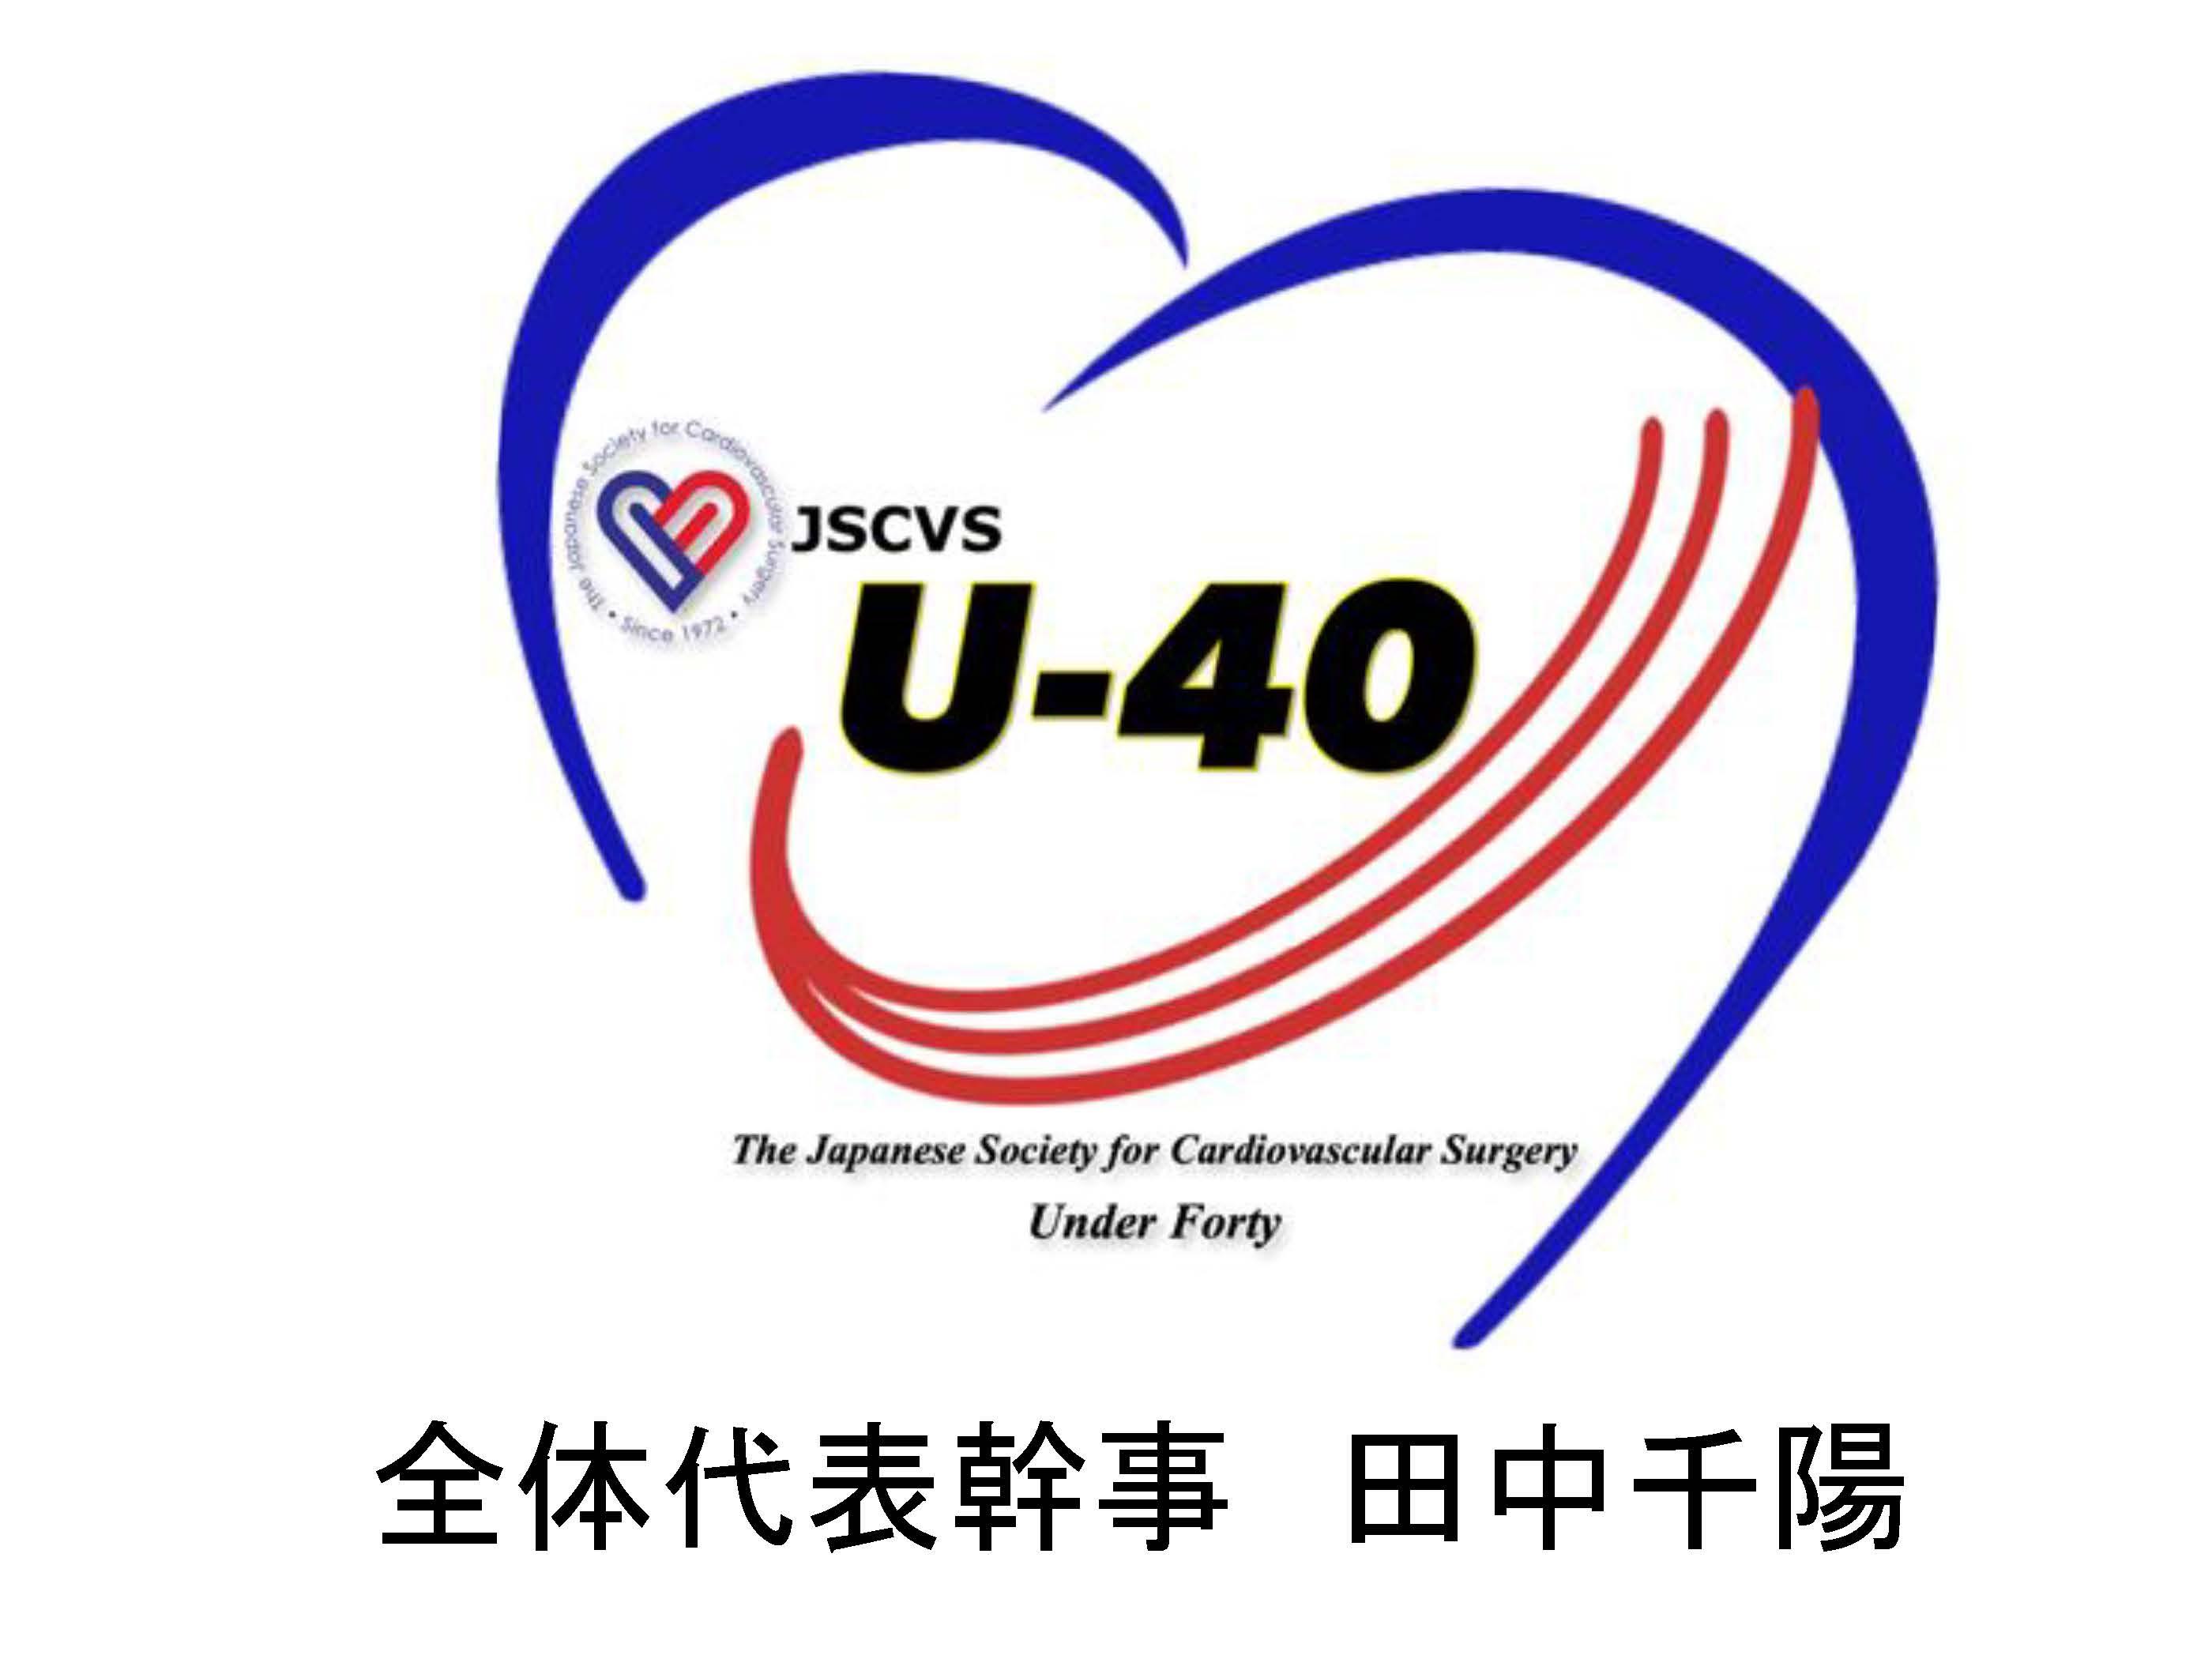 U-40胸部外科総会での活動報告